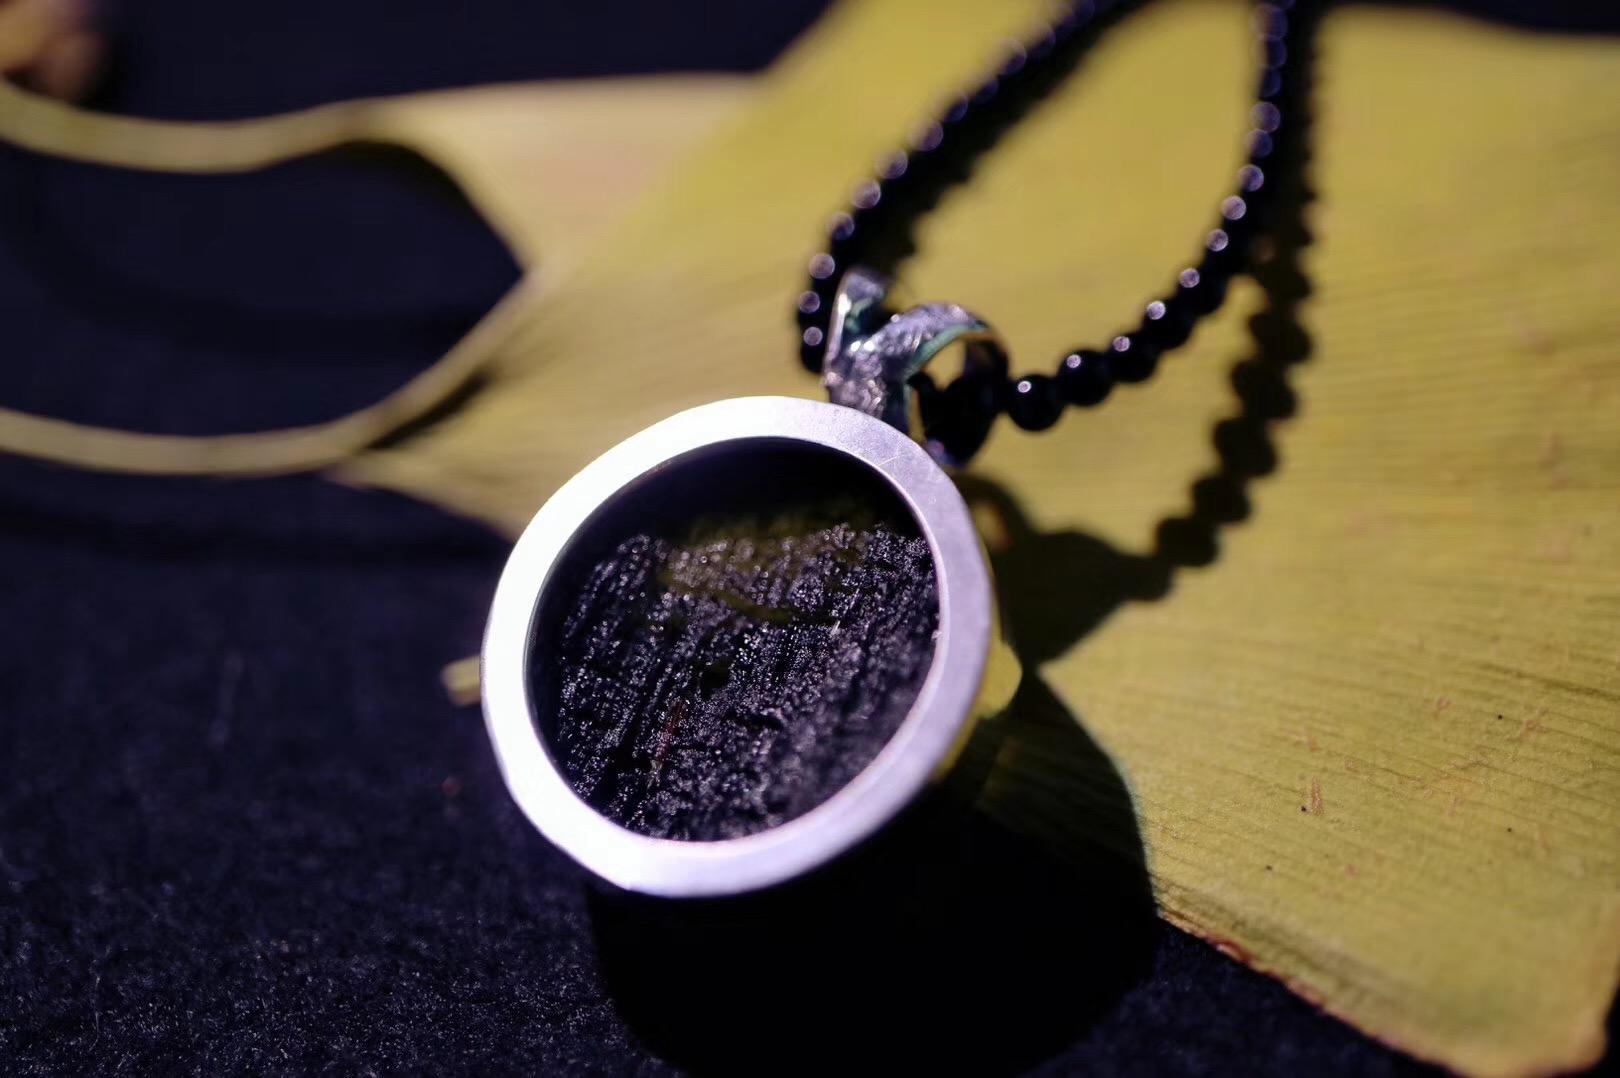 【菩心捷克陨石   梅尔卡巴】捷克陨石梅尔卡巴有助于打开心轮-菩心晶舍